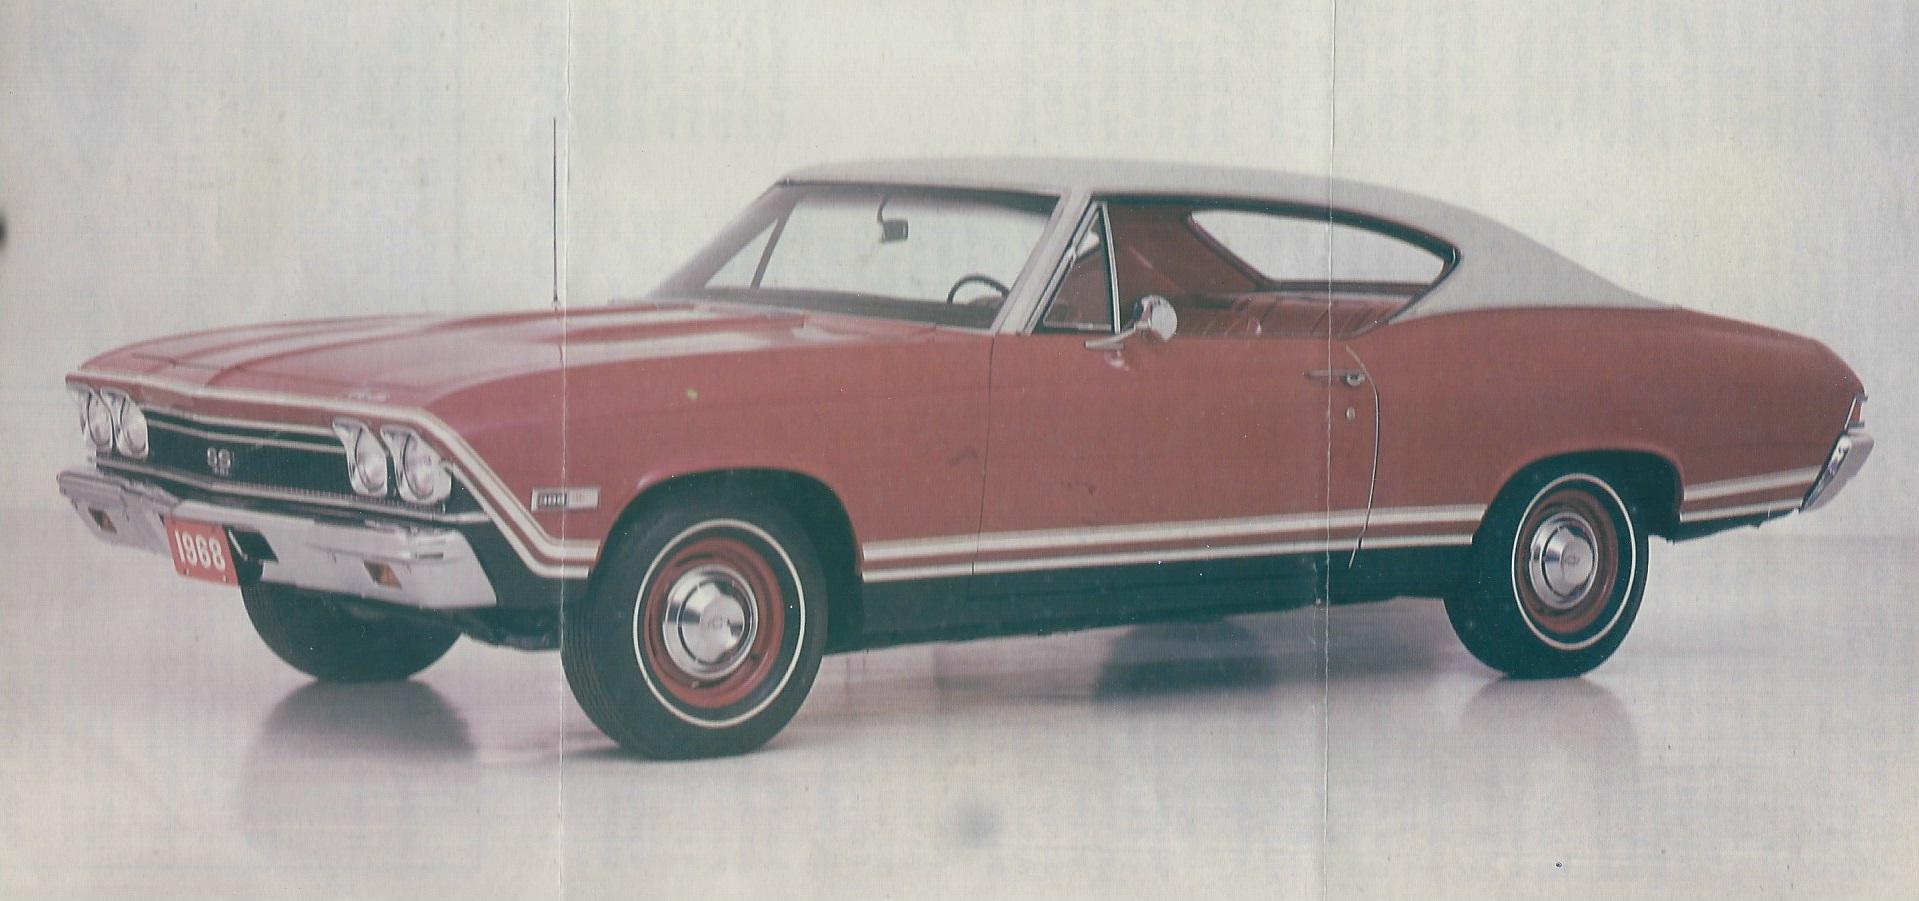 1968 Chevrolet El Camino Ss Stripe Kit